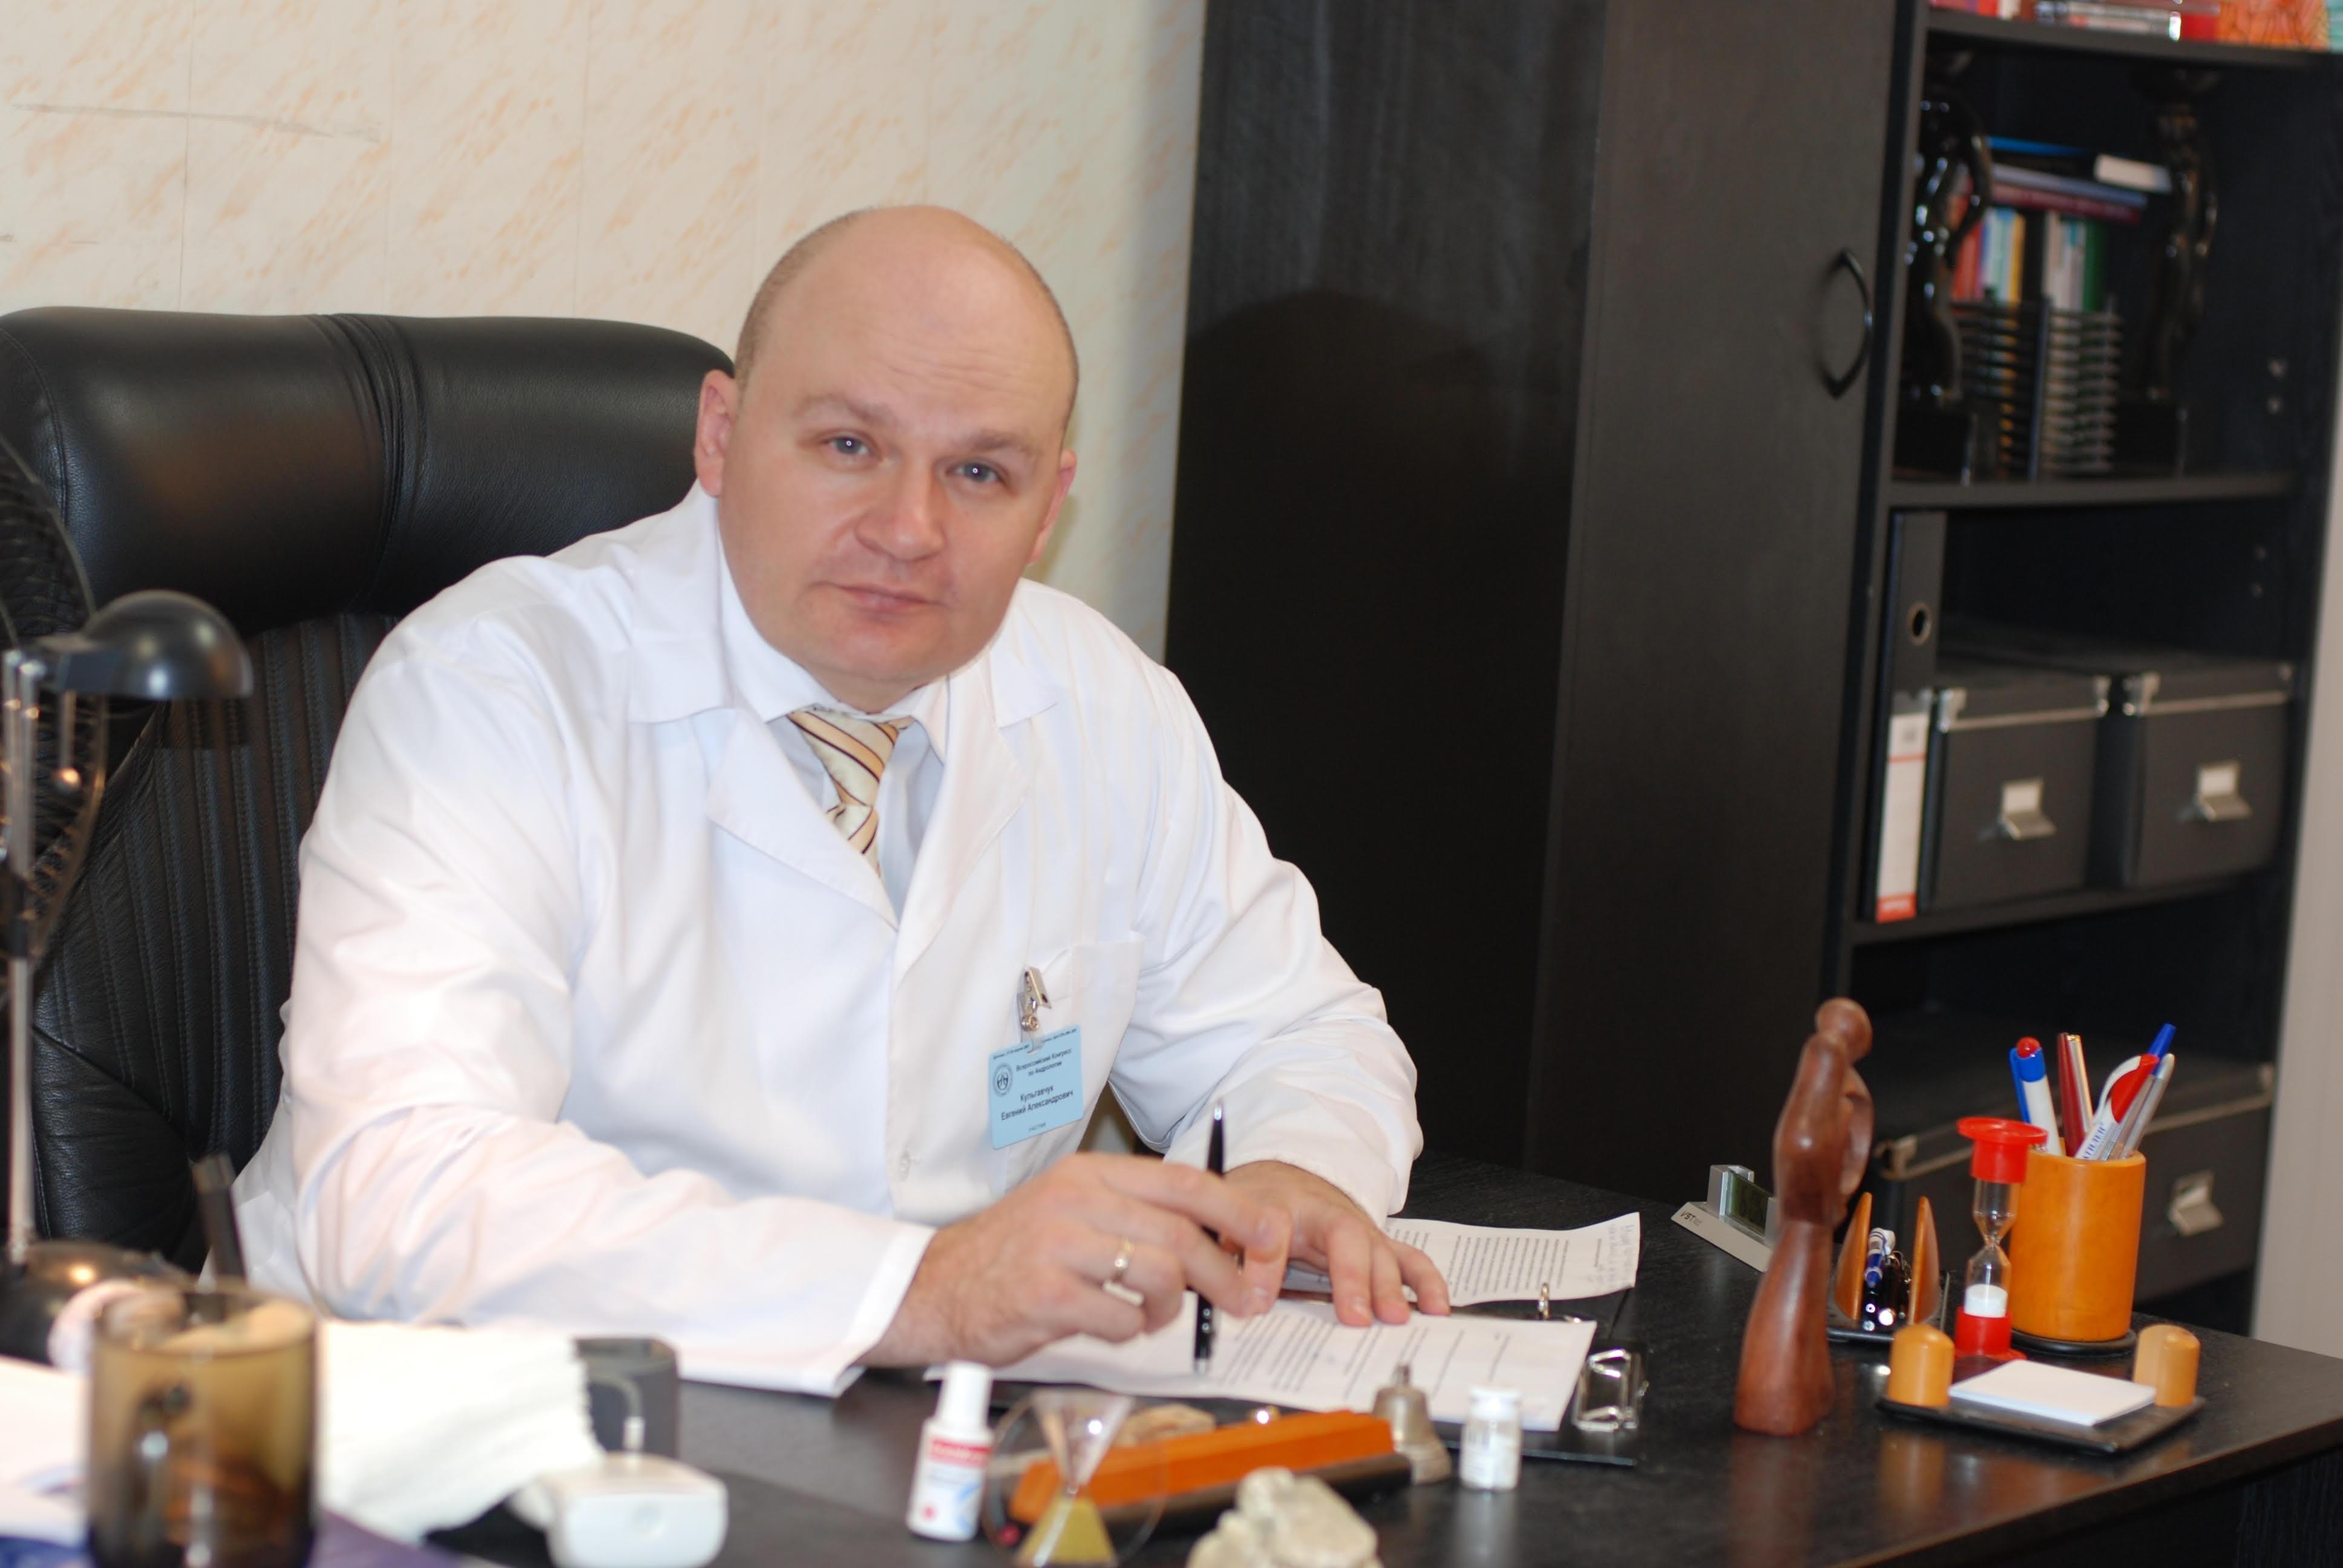 Евгений Александрович Кульгавчук, врач-сексолог, психотерапевт, психиатр